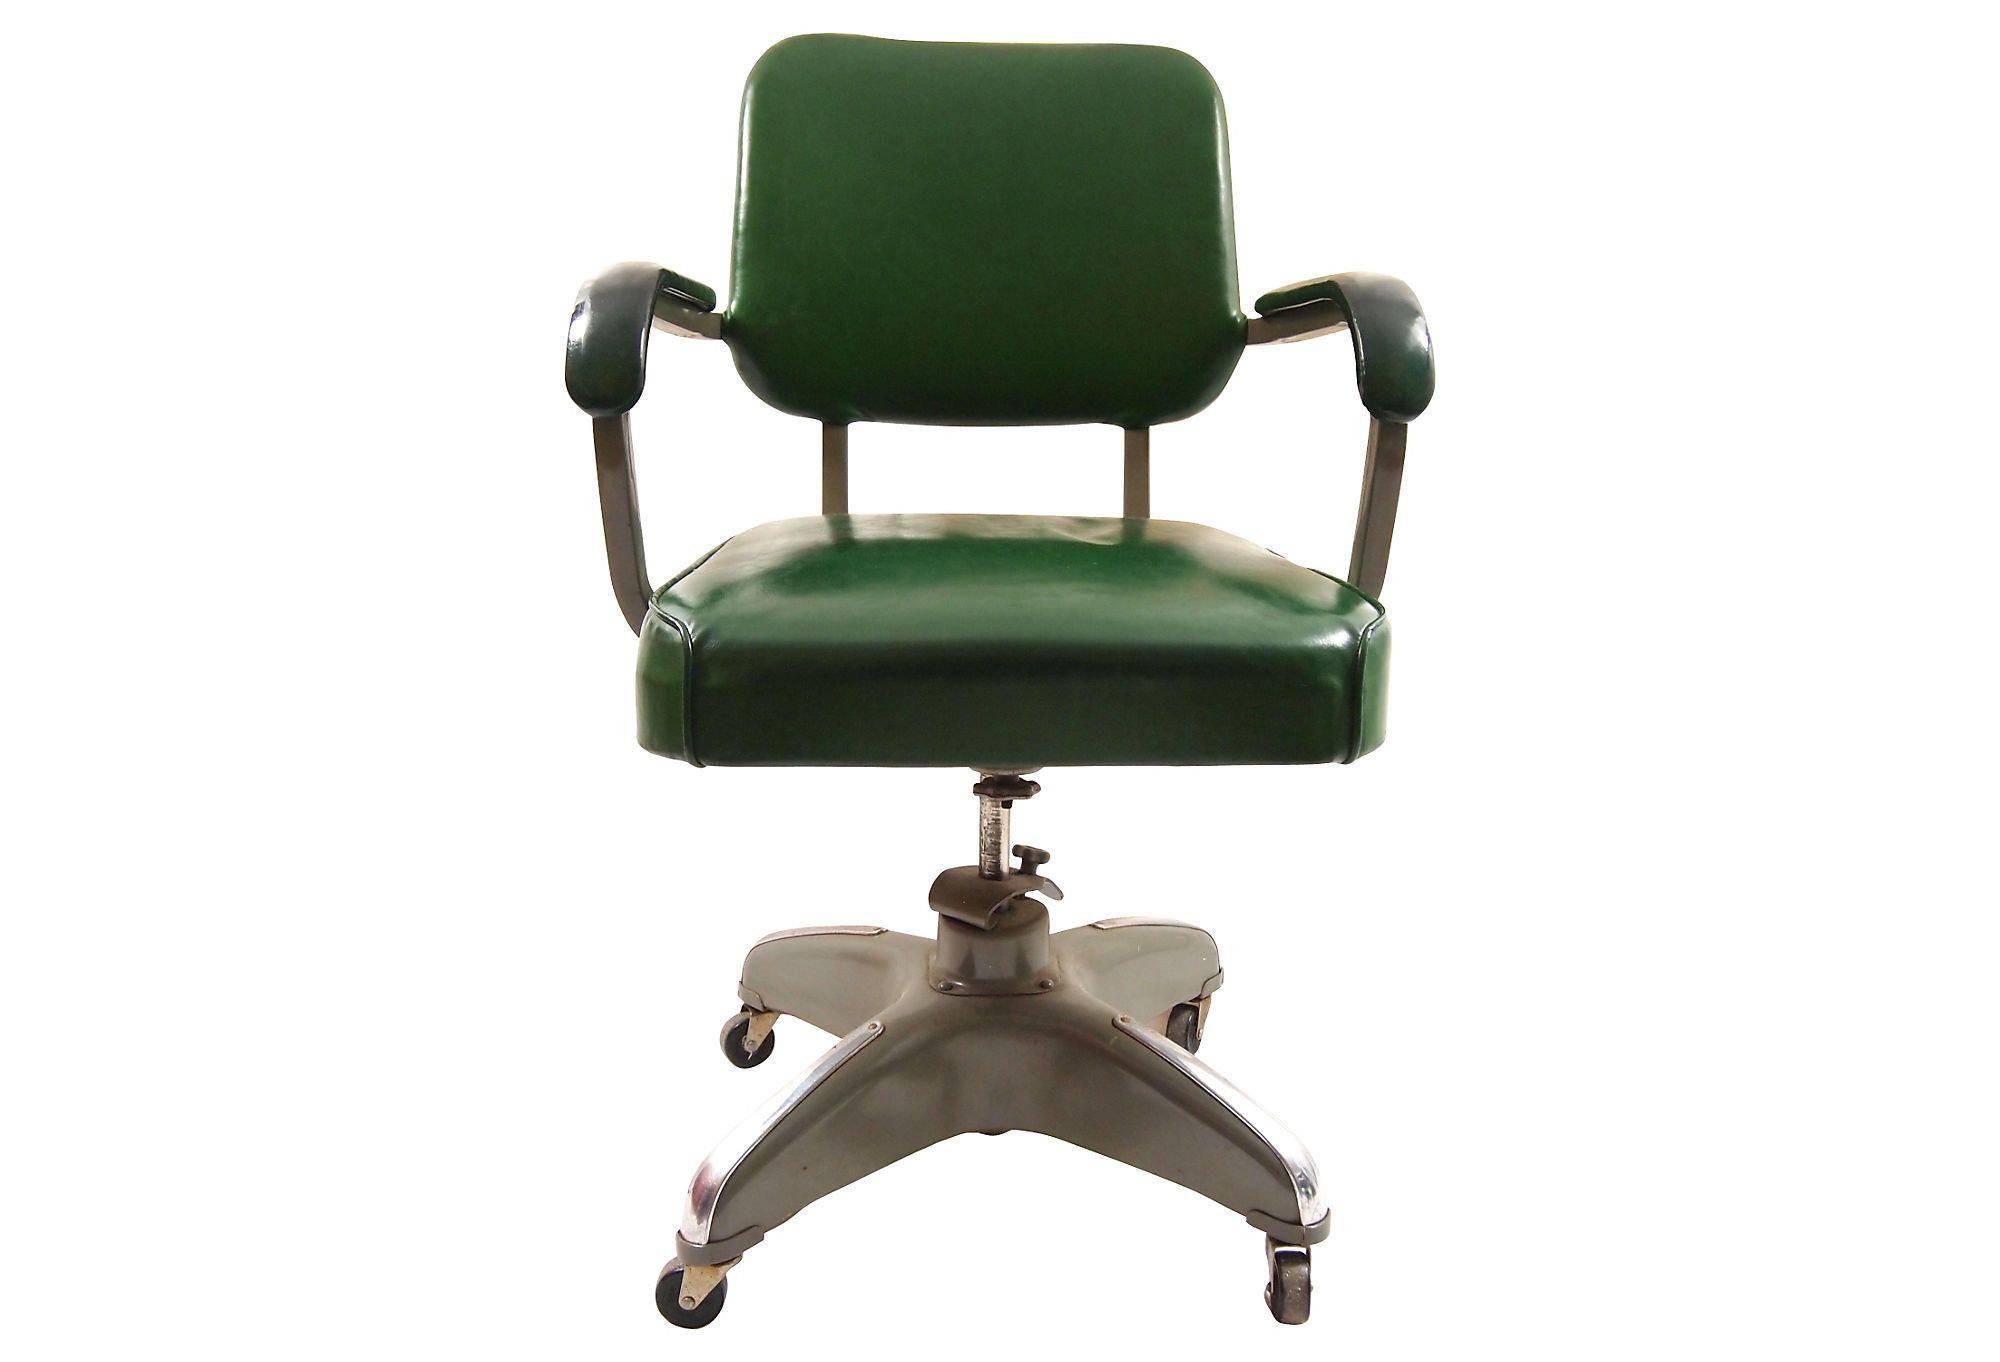 Modern Leather Office Chair Burostuhle Schreibtisch